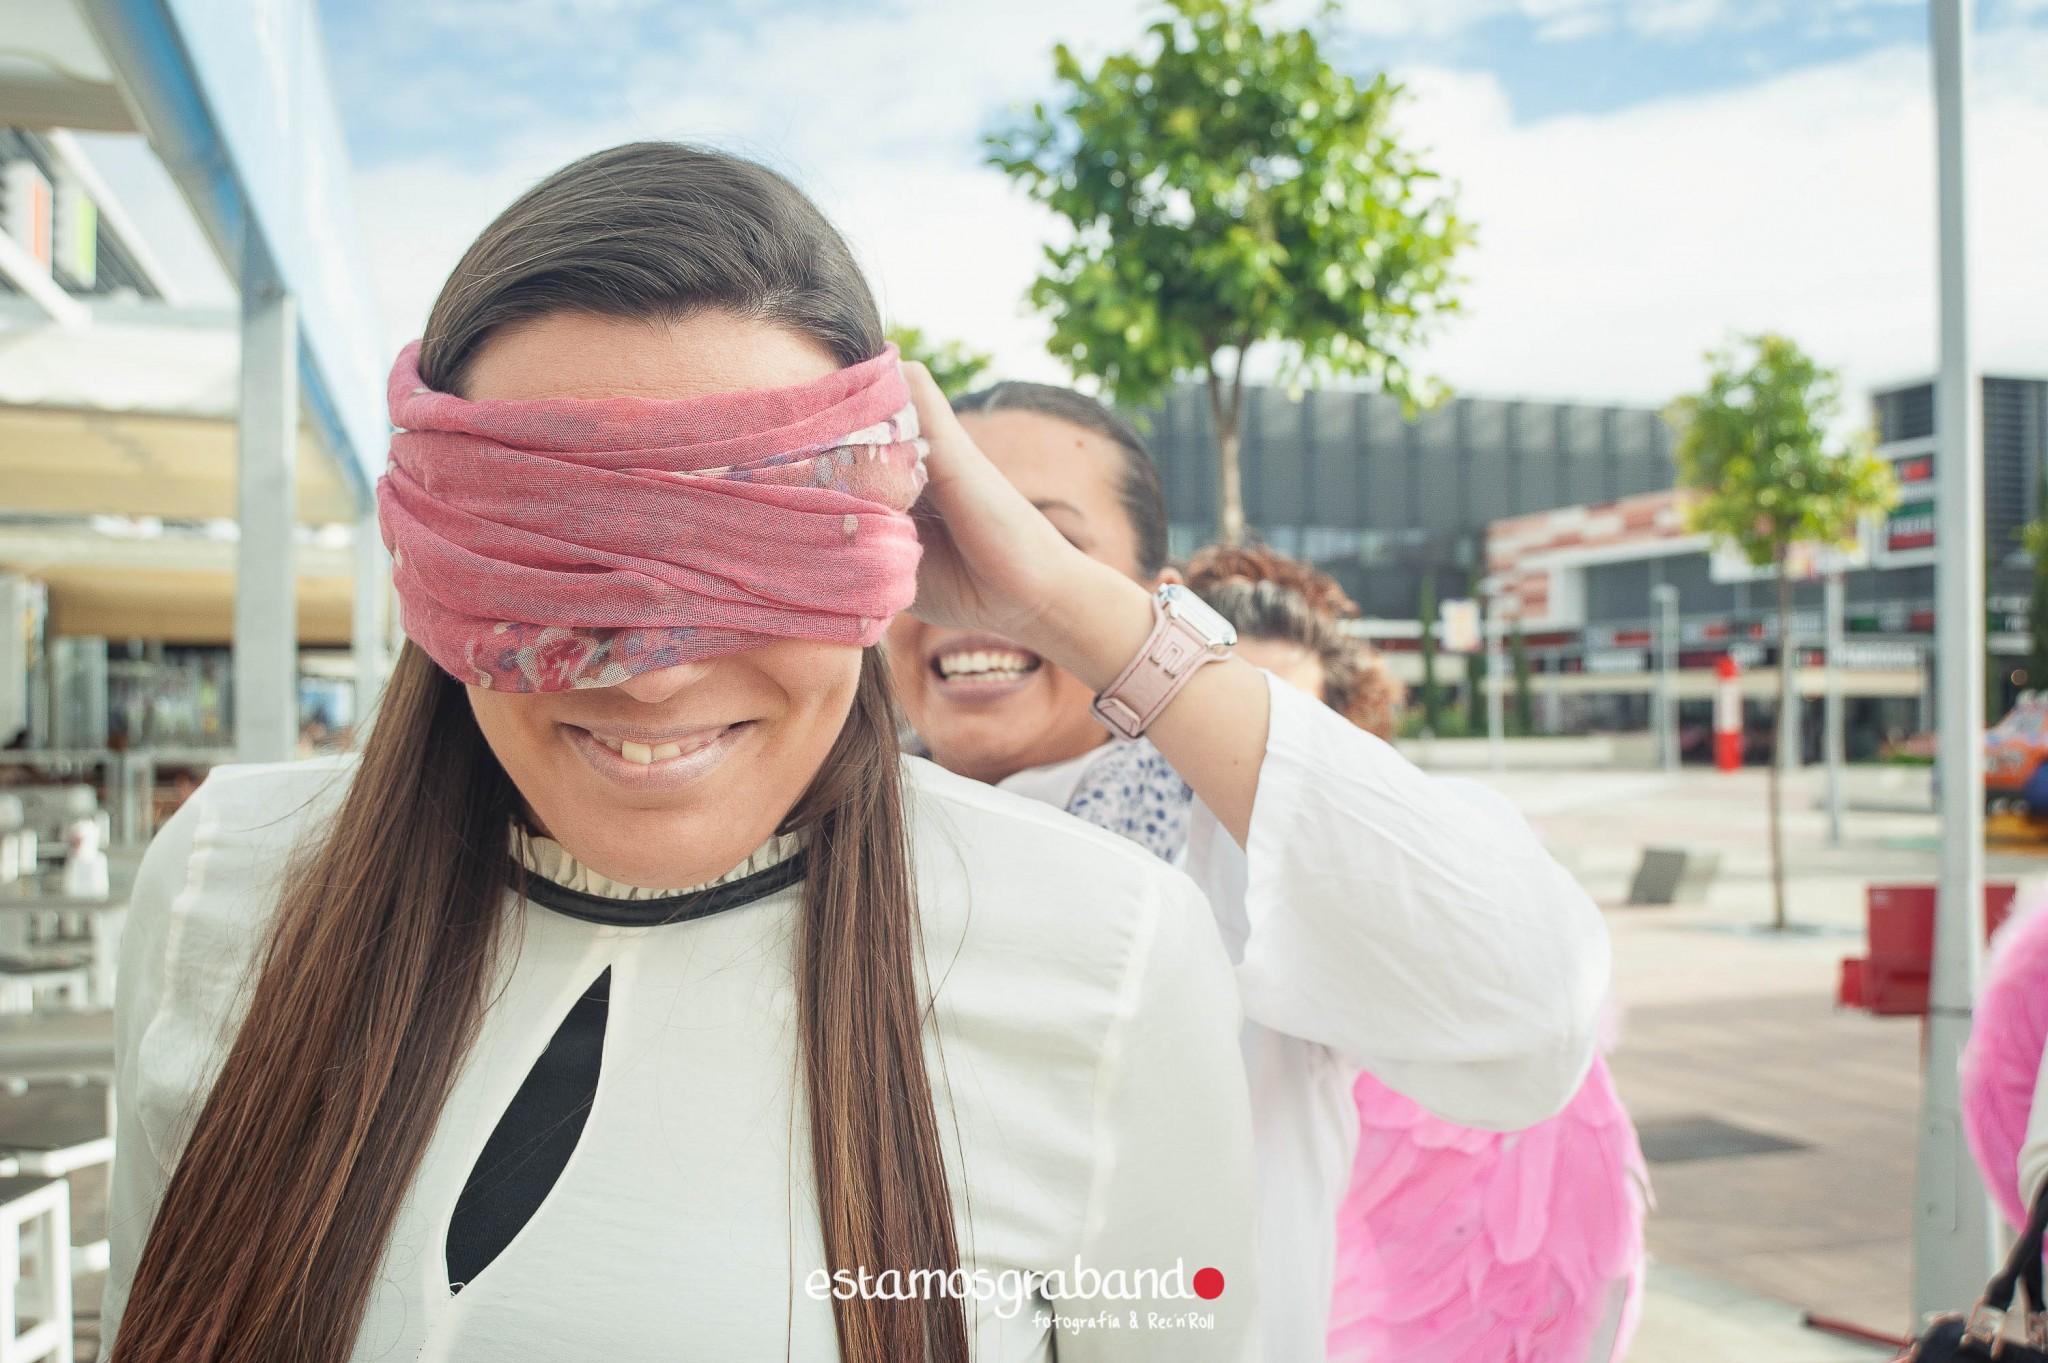 despedida-cris_fotograficc81a-de-despedida-de-soltera-16 Despedida de soltera Recandrolera - video boda cadiz